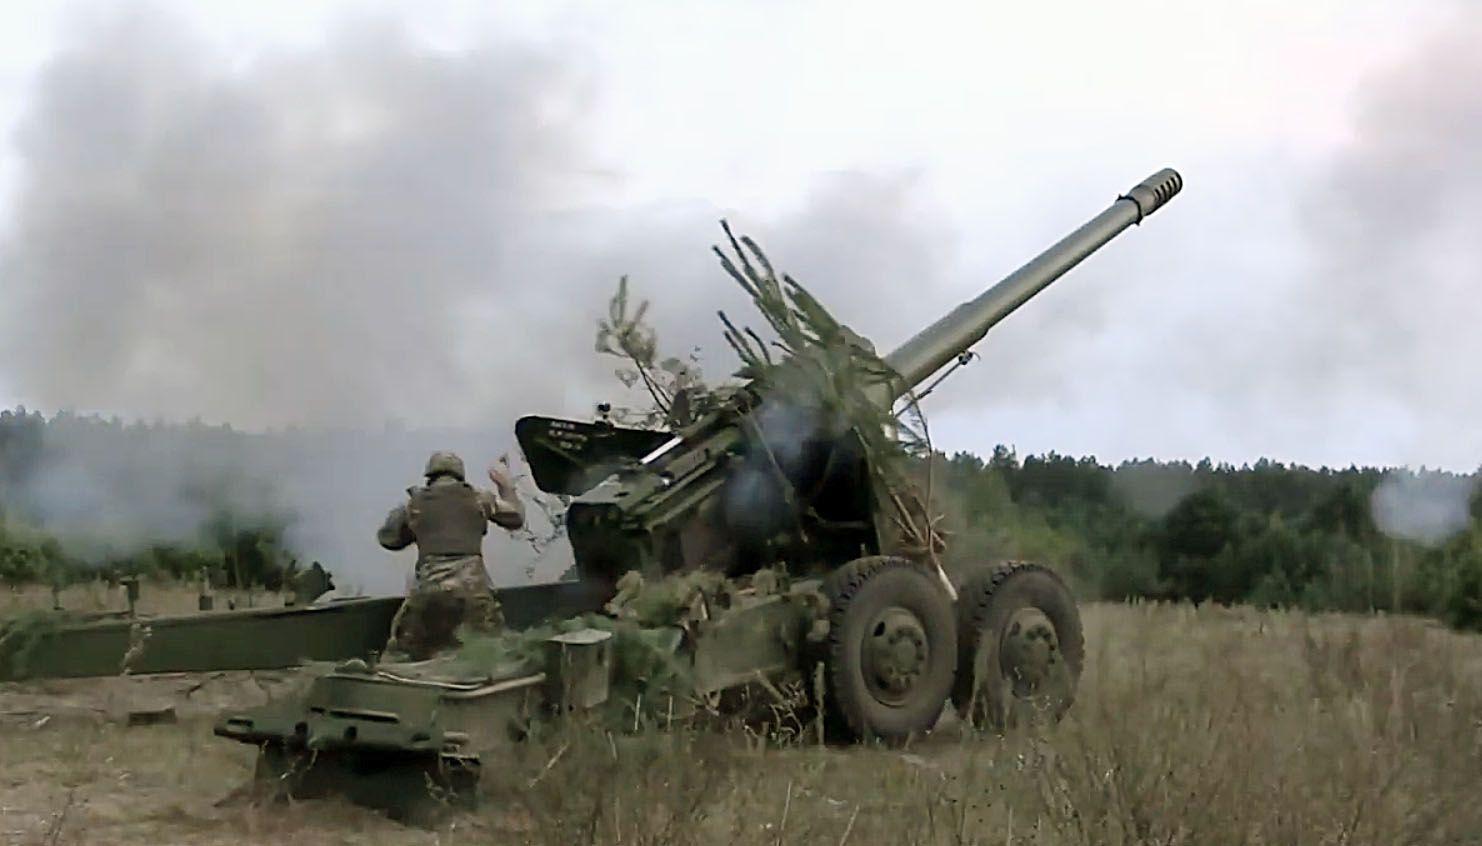 Спогади артилеристів перенесуть на екран